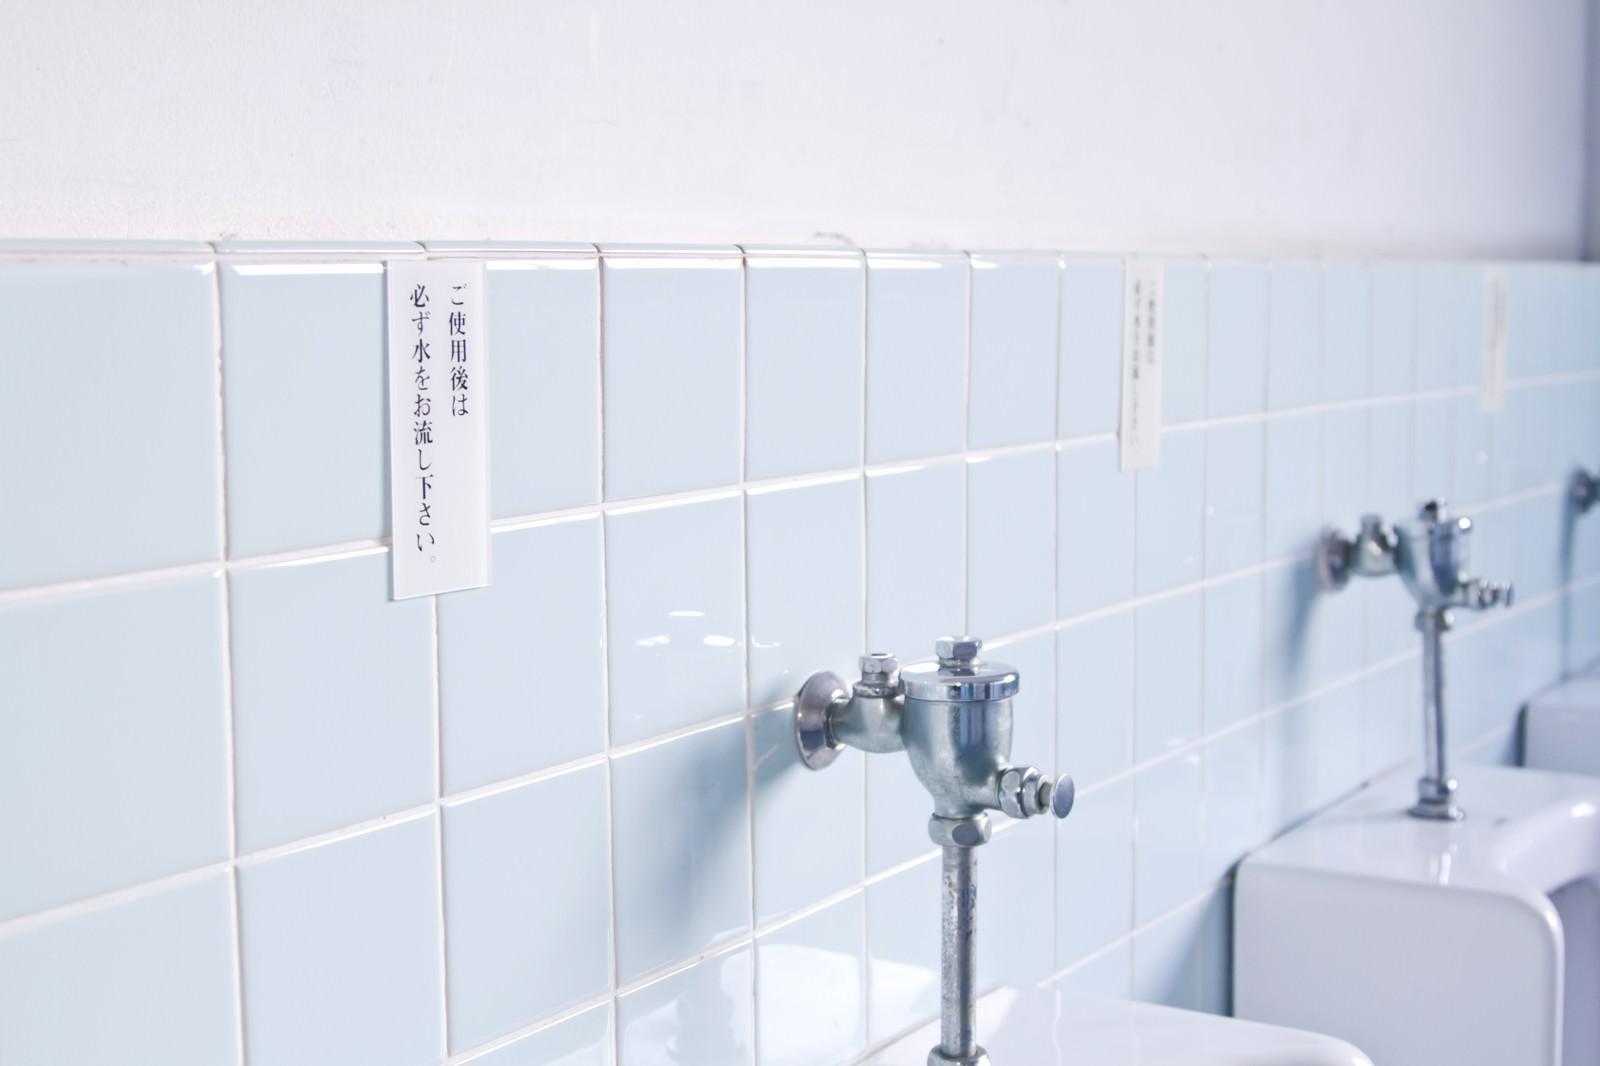 「学校の男子トイレ」の写真